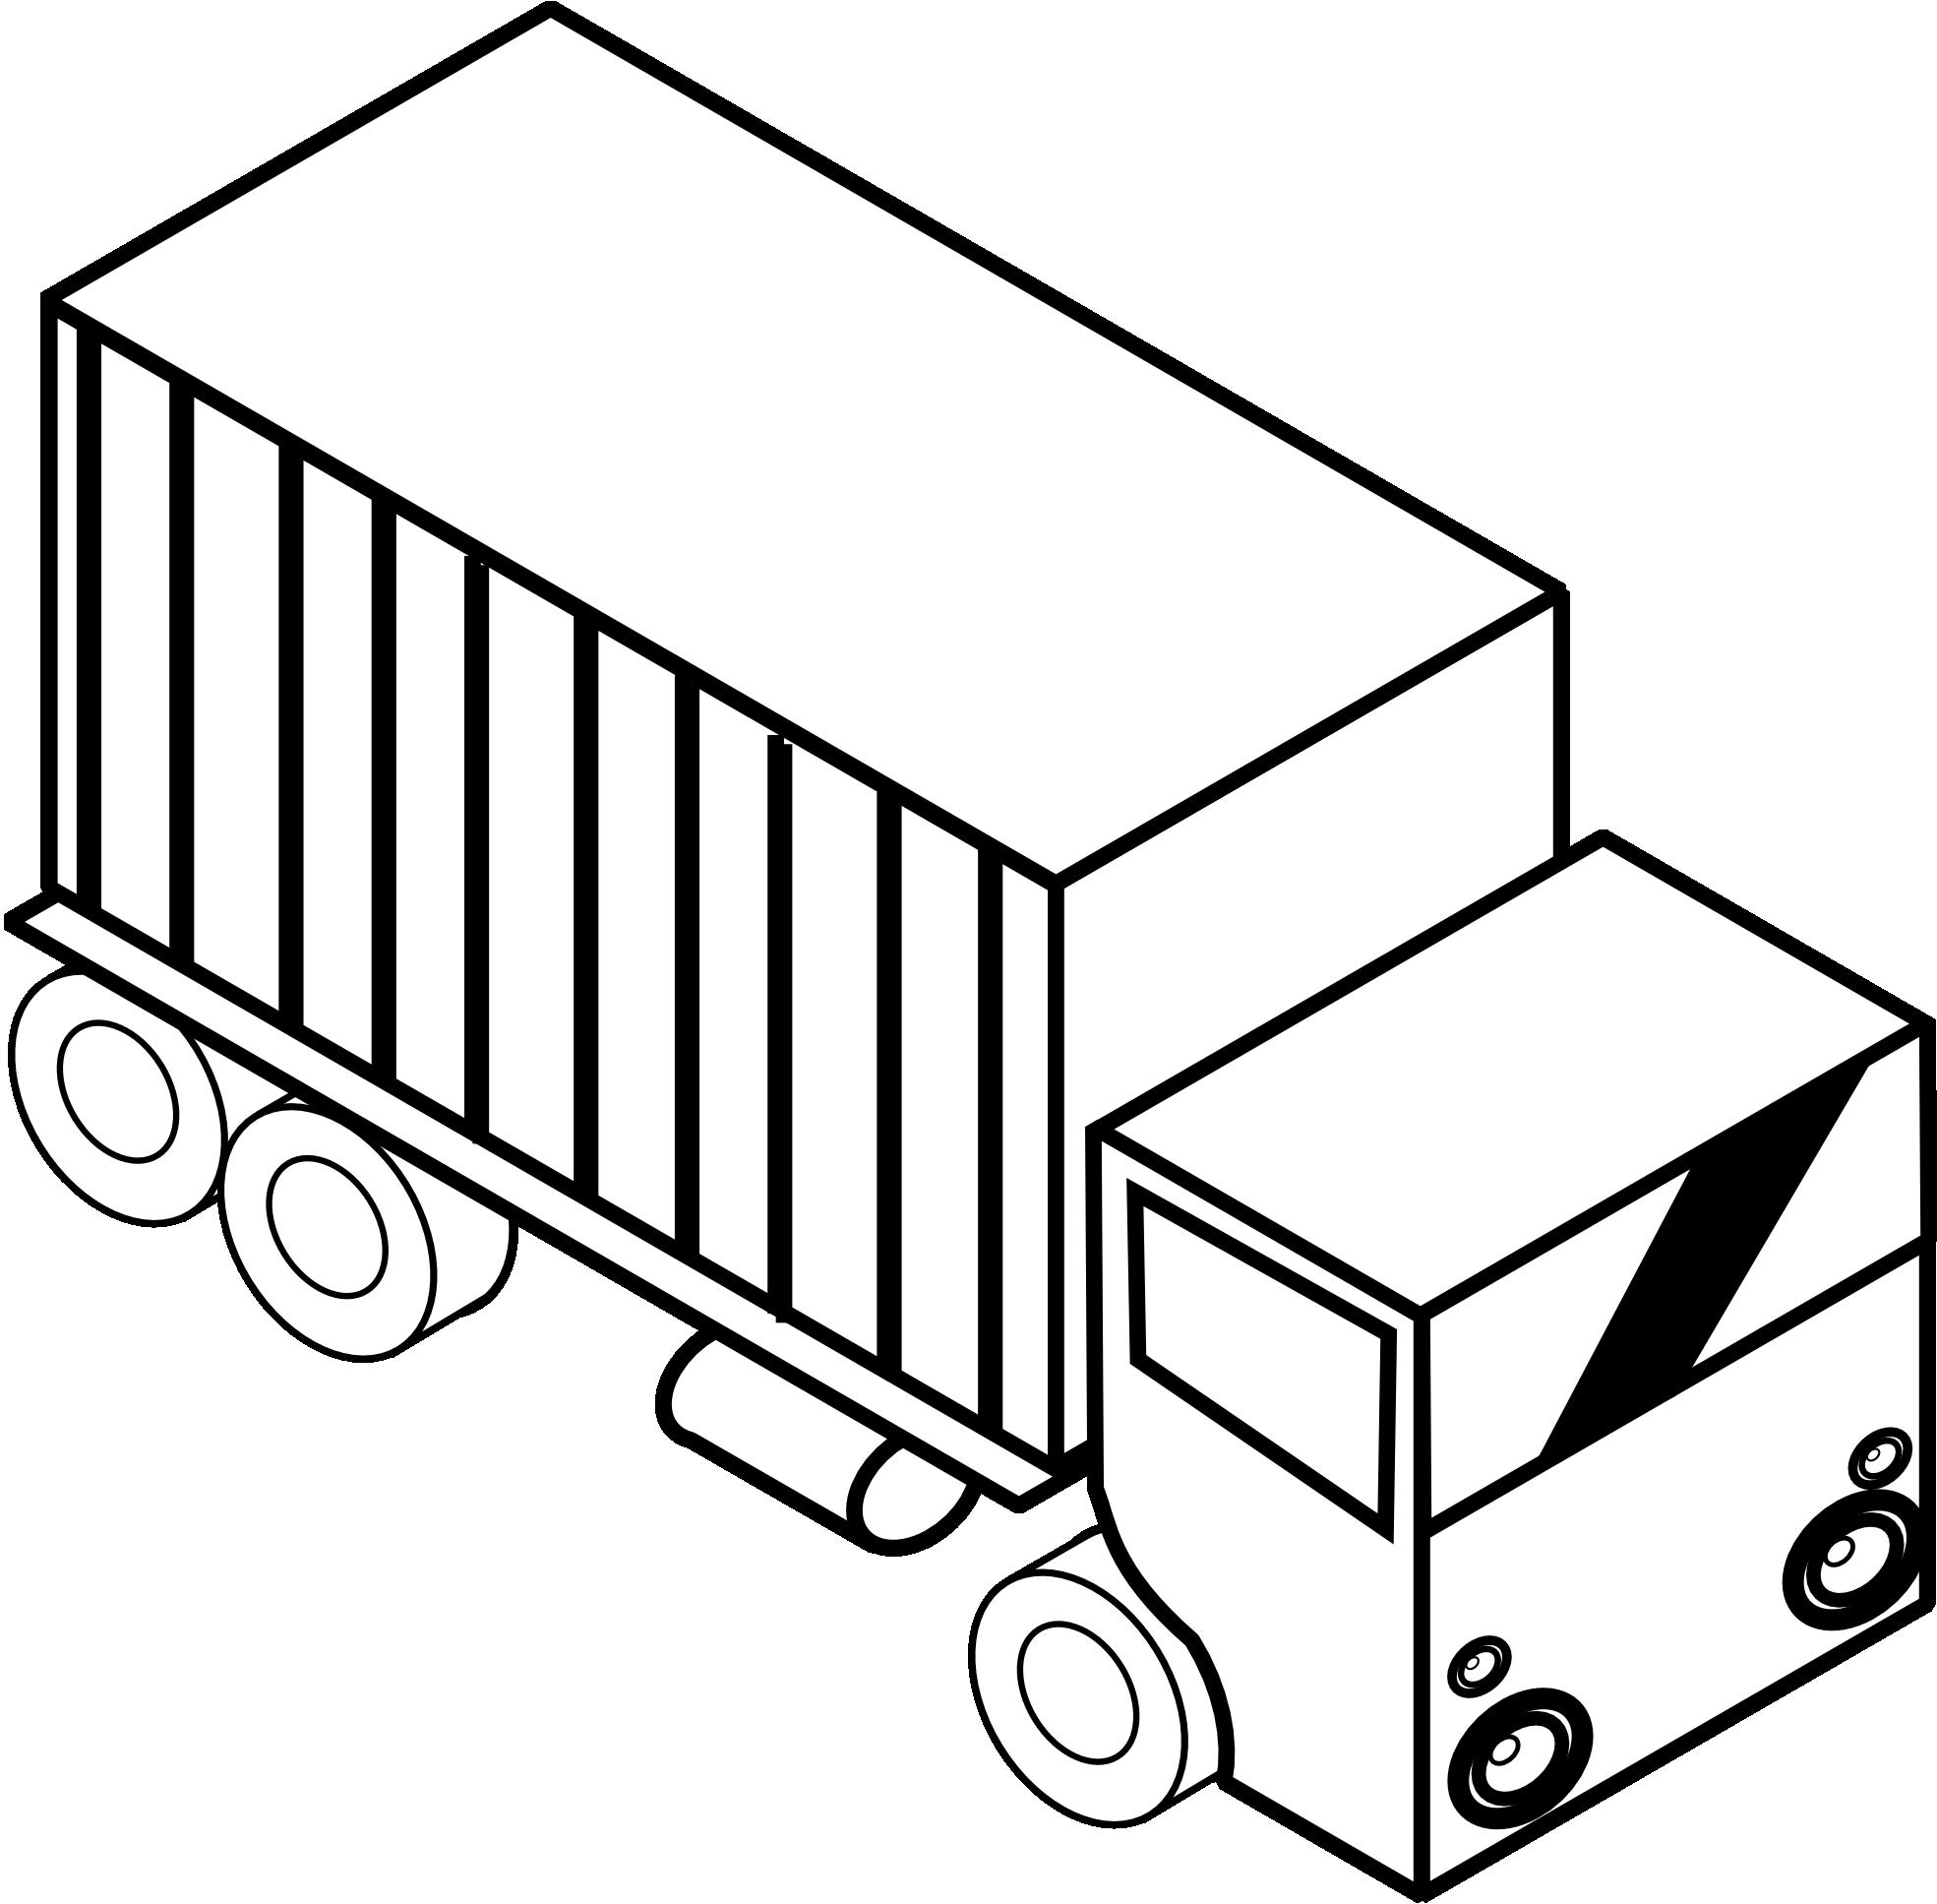 Black and white clipart trucks jpg royalty free download Truck Clipart Black And White   Clipart Panda - Free Clipart Images jpg royalty free download